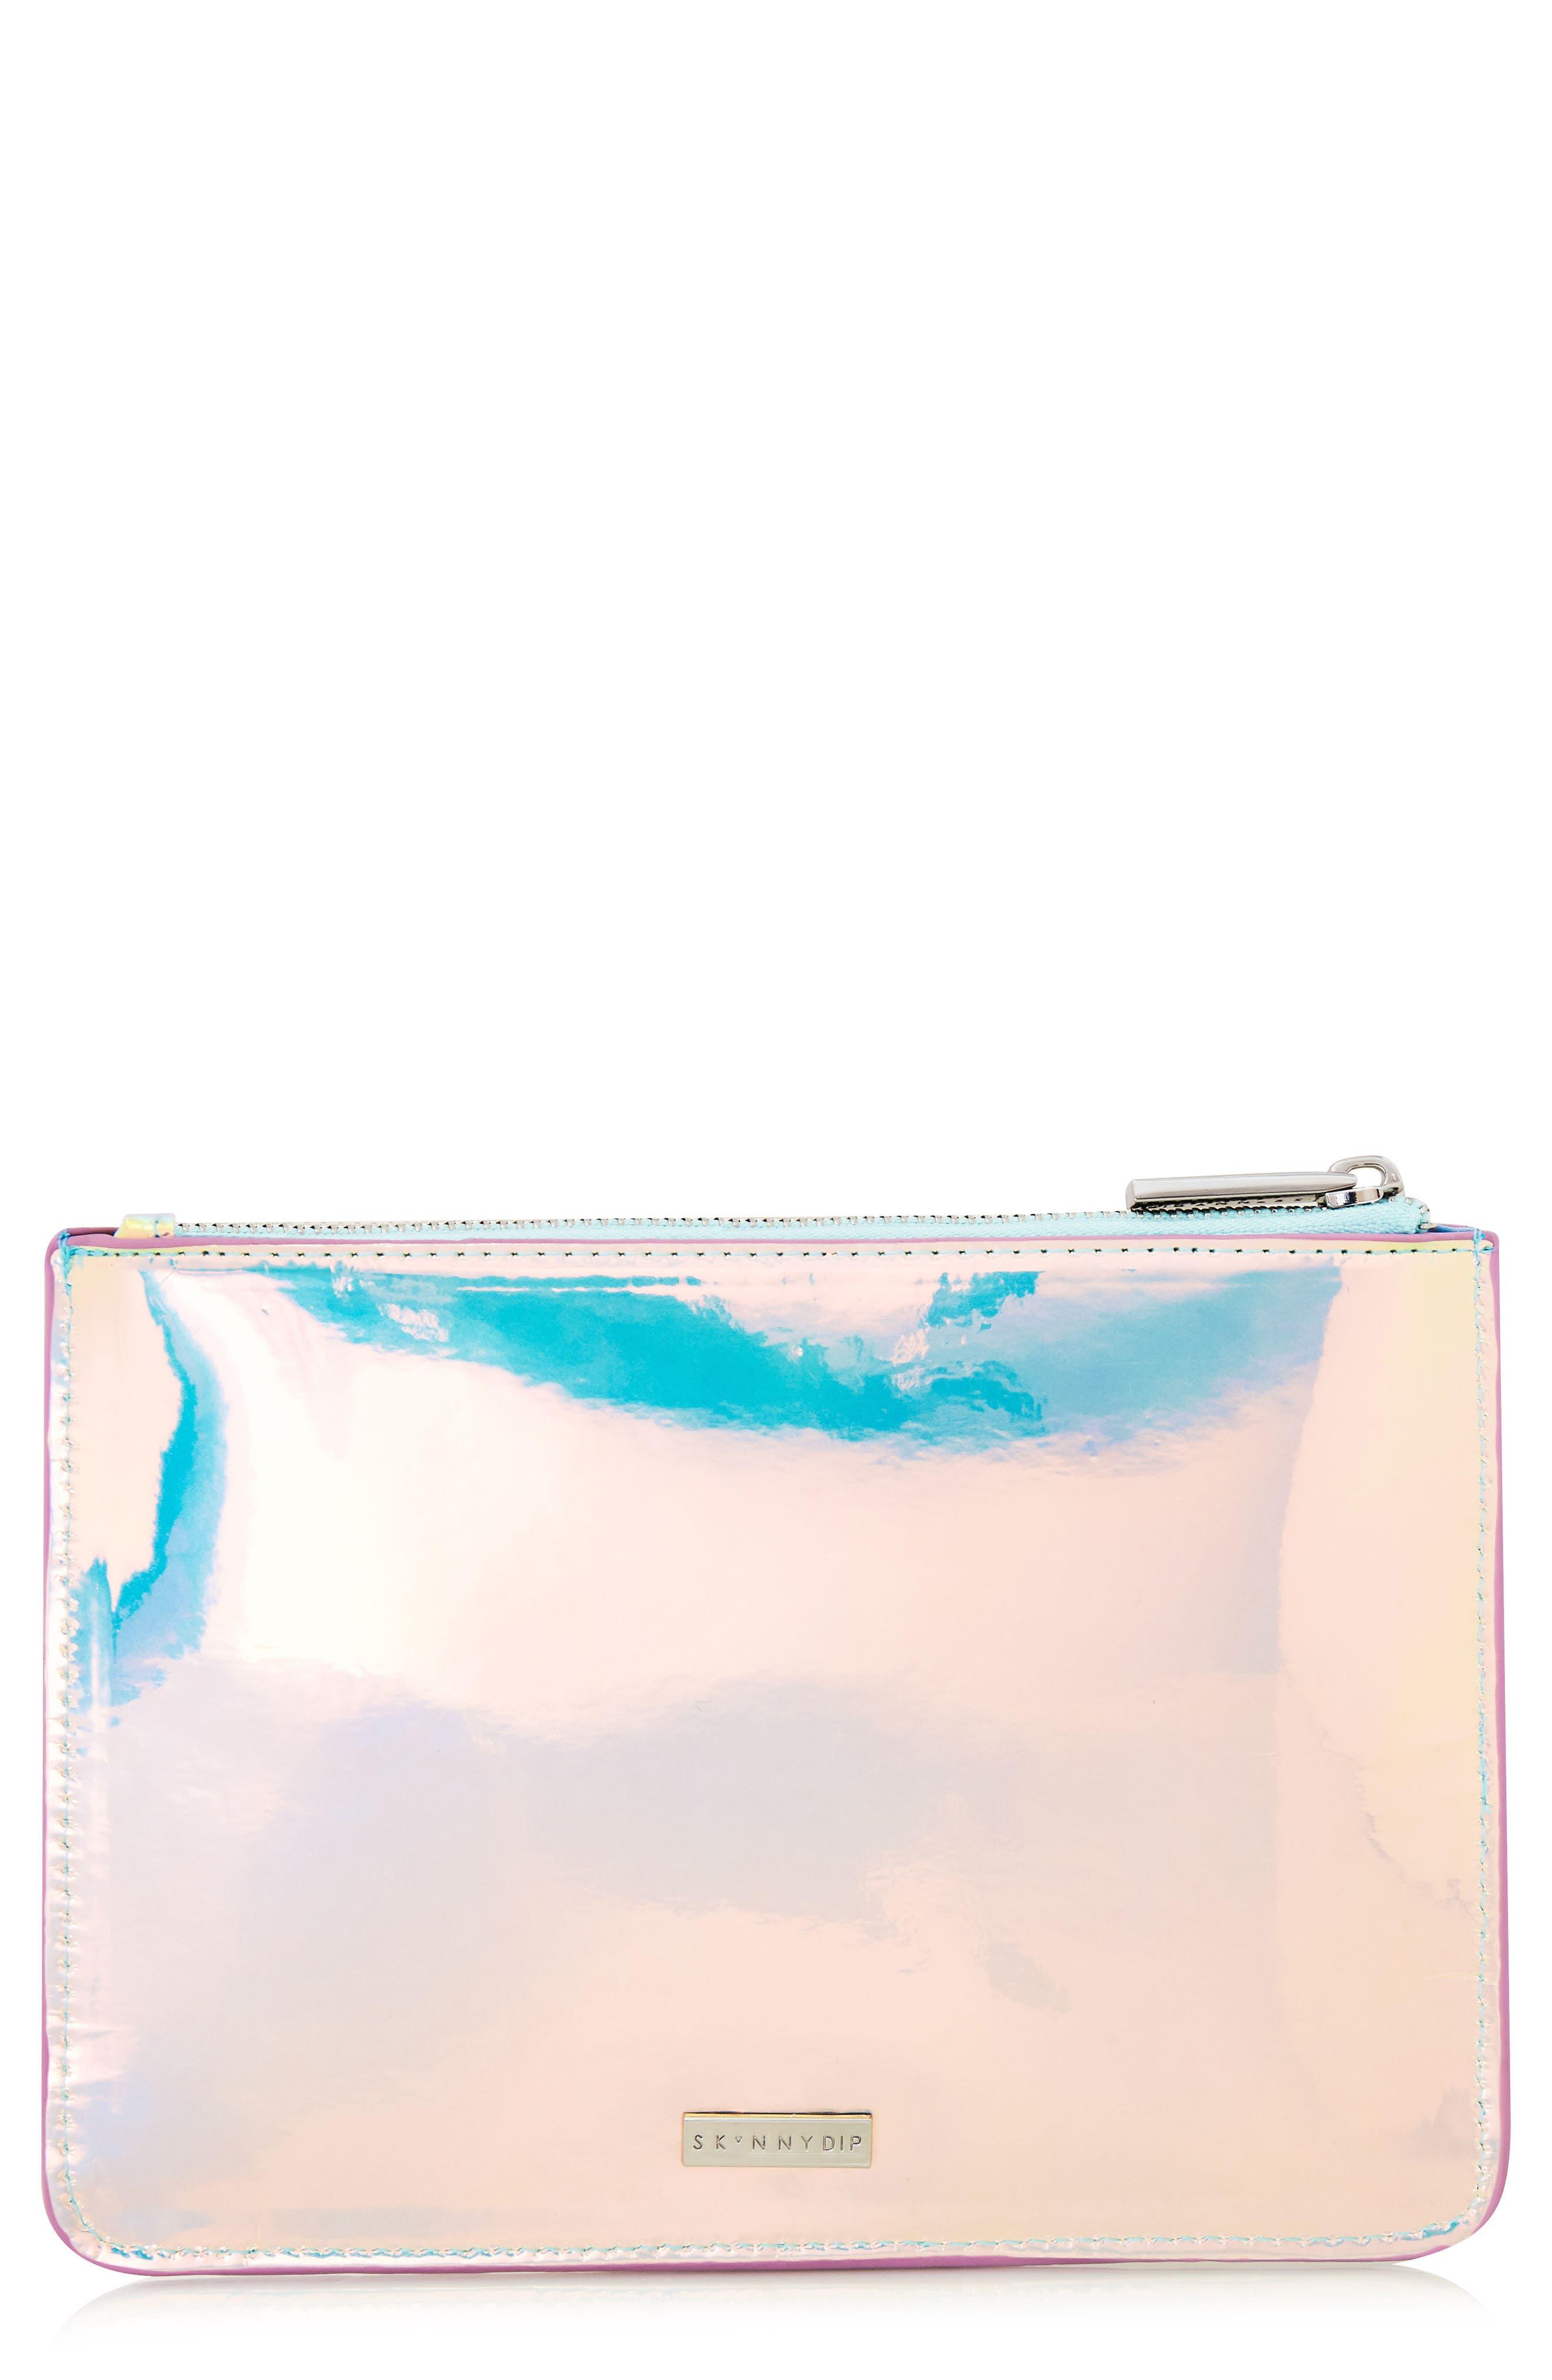 Skinny Dip Ocean Makeup Bag,                             Main thumbnail 1, color,                             No Color